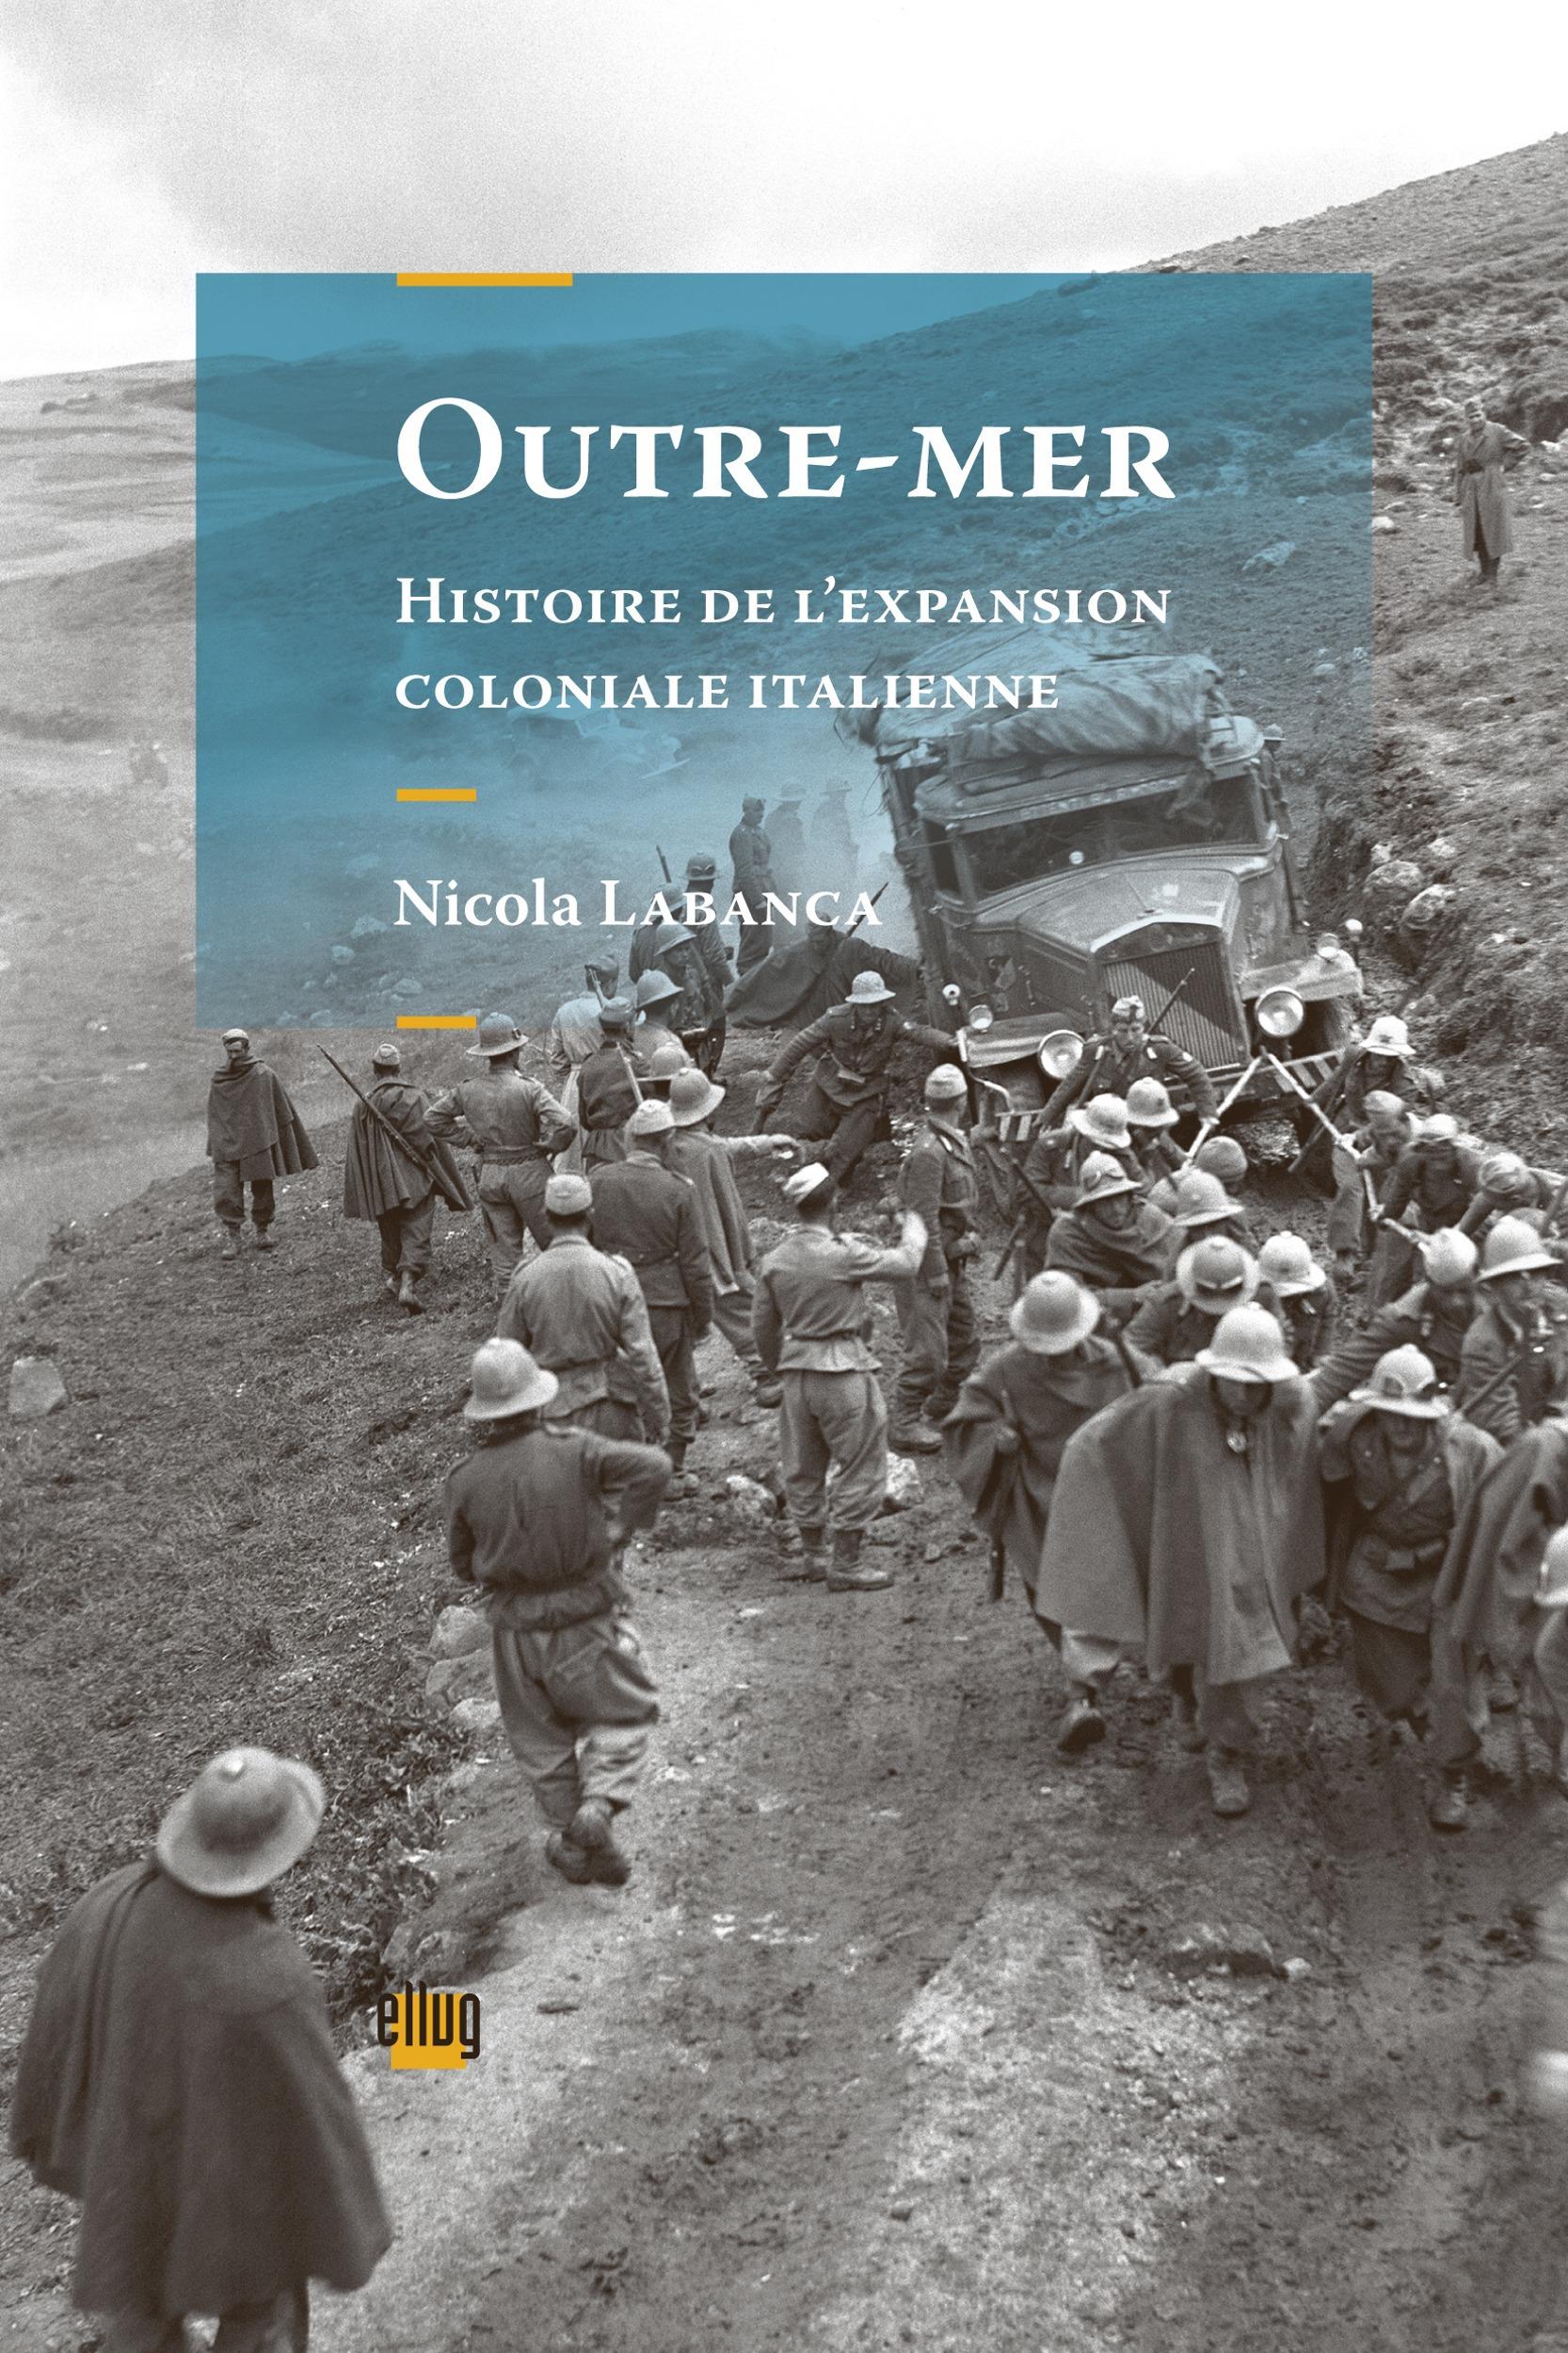 Outre-mer - histoire de l'expansion coloniale italienne